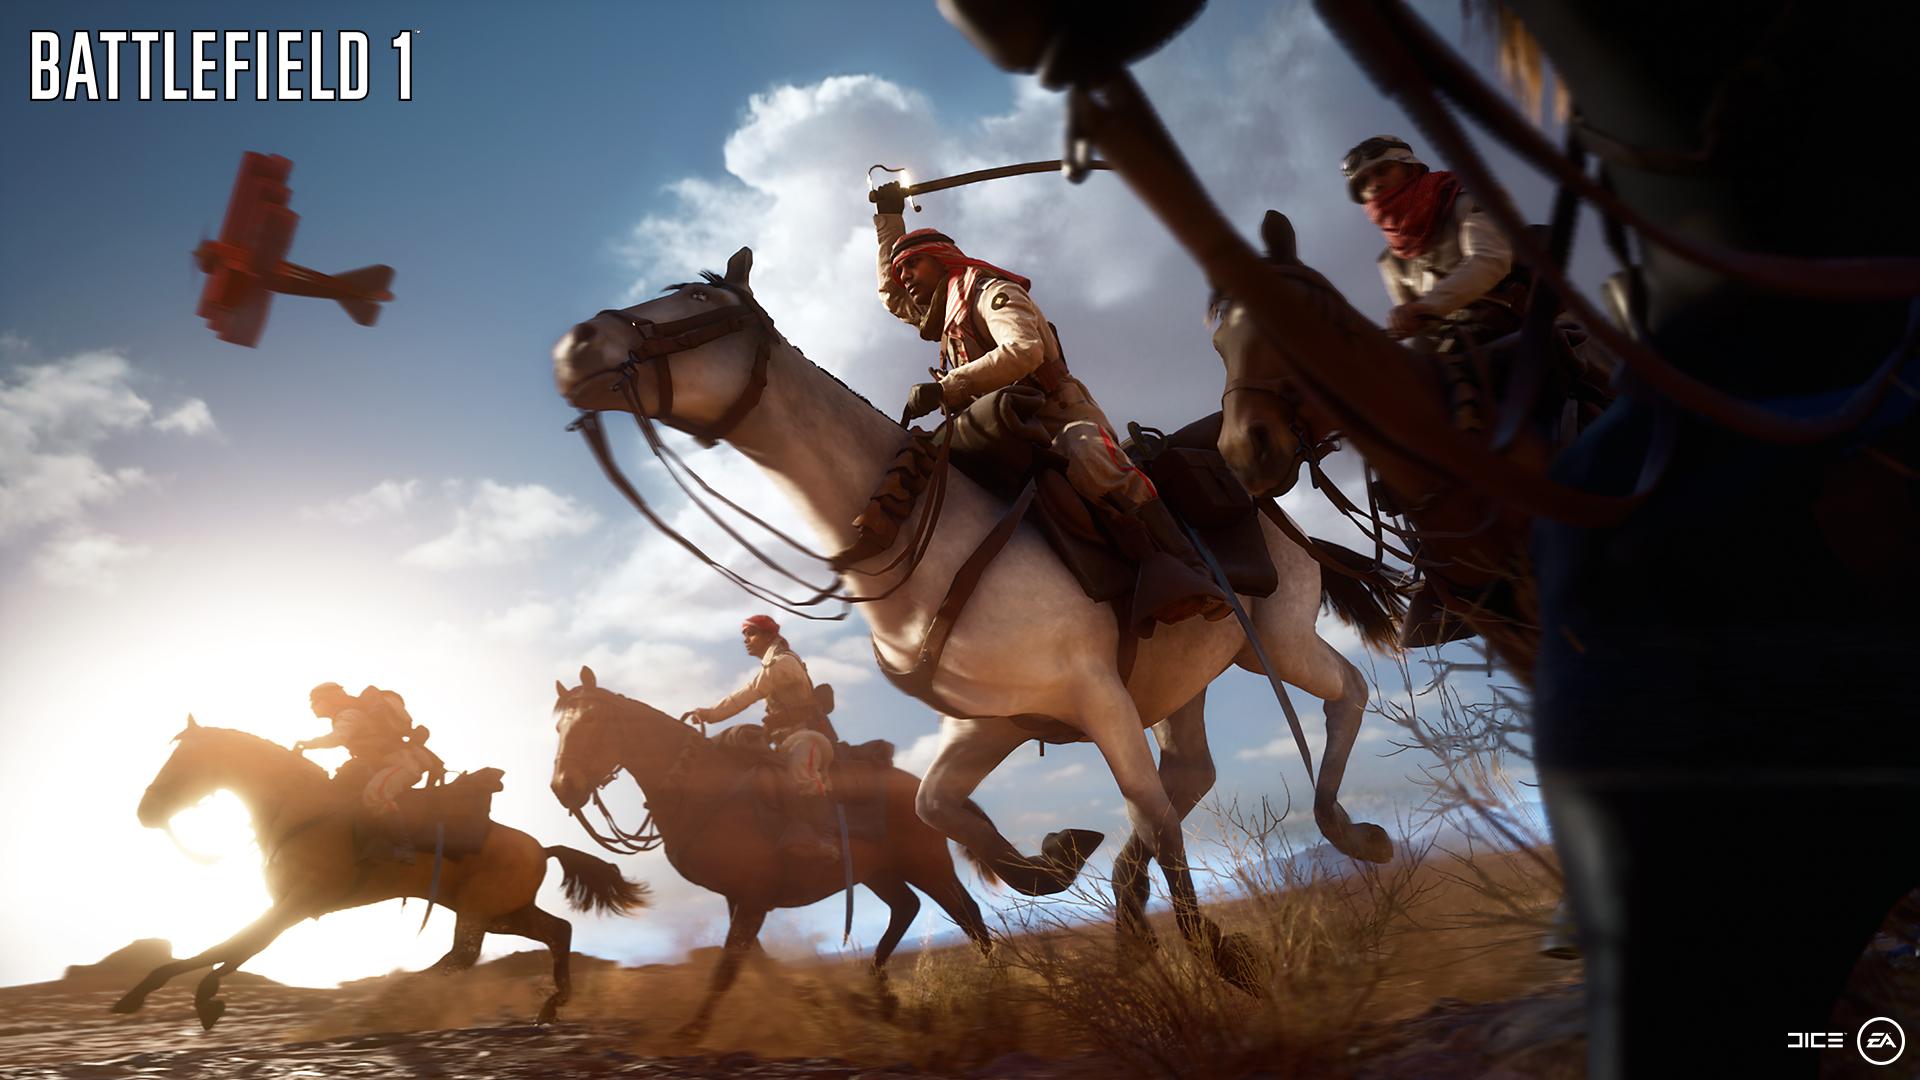 For 449 kroner får du tidlig tilgang til flerspillerkartene i Battlefield 1.